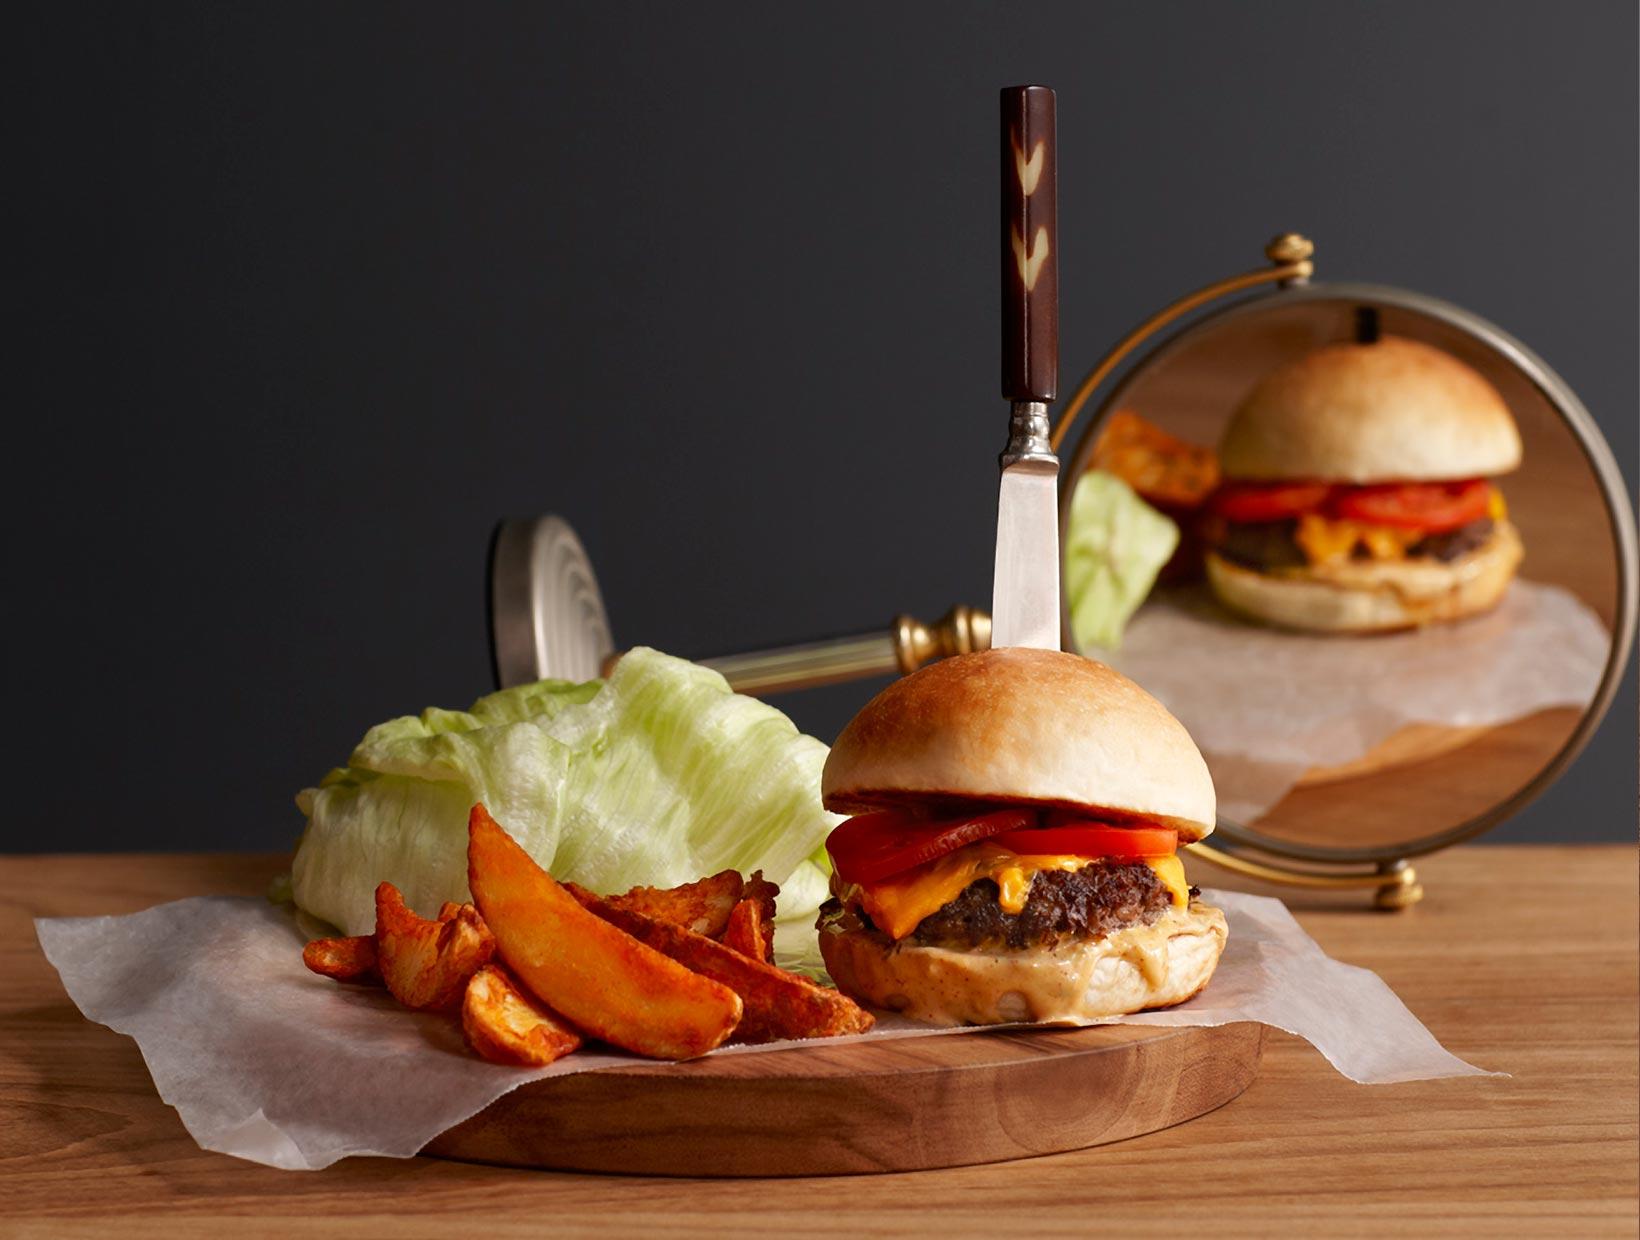 Burger / Sandwich